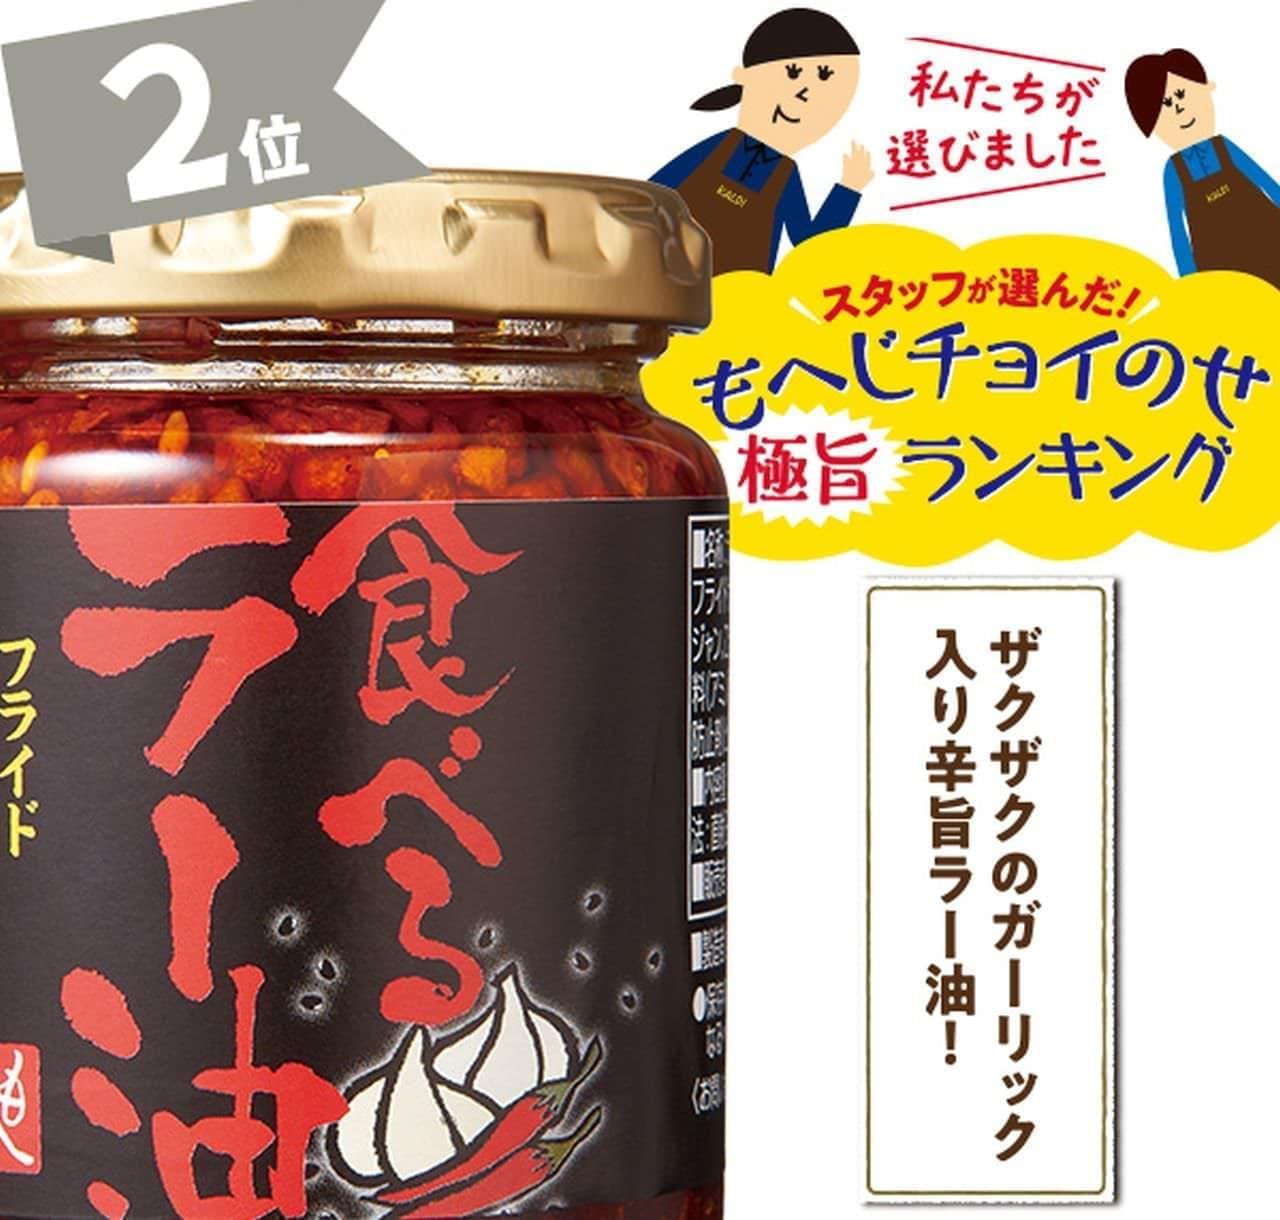 カルディ「食べるラー油」